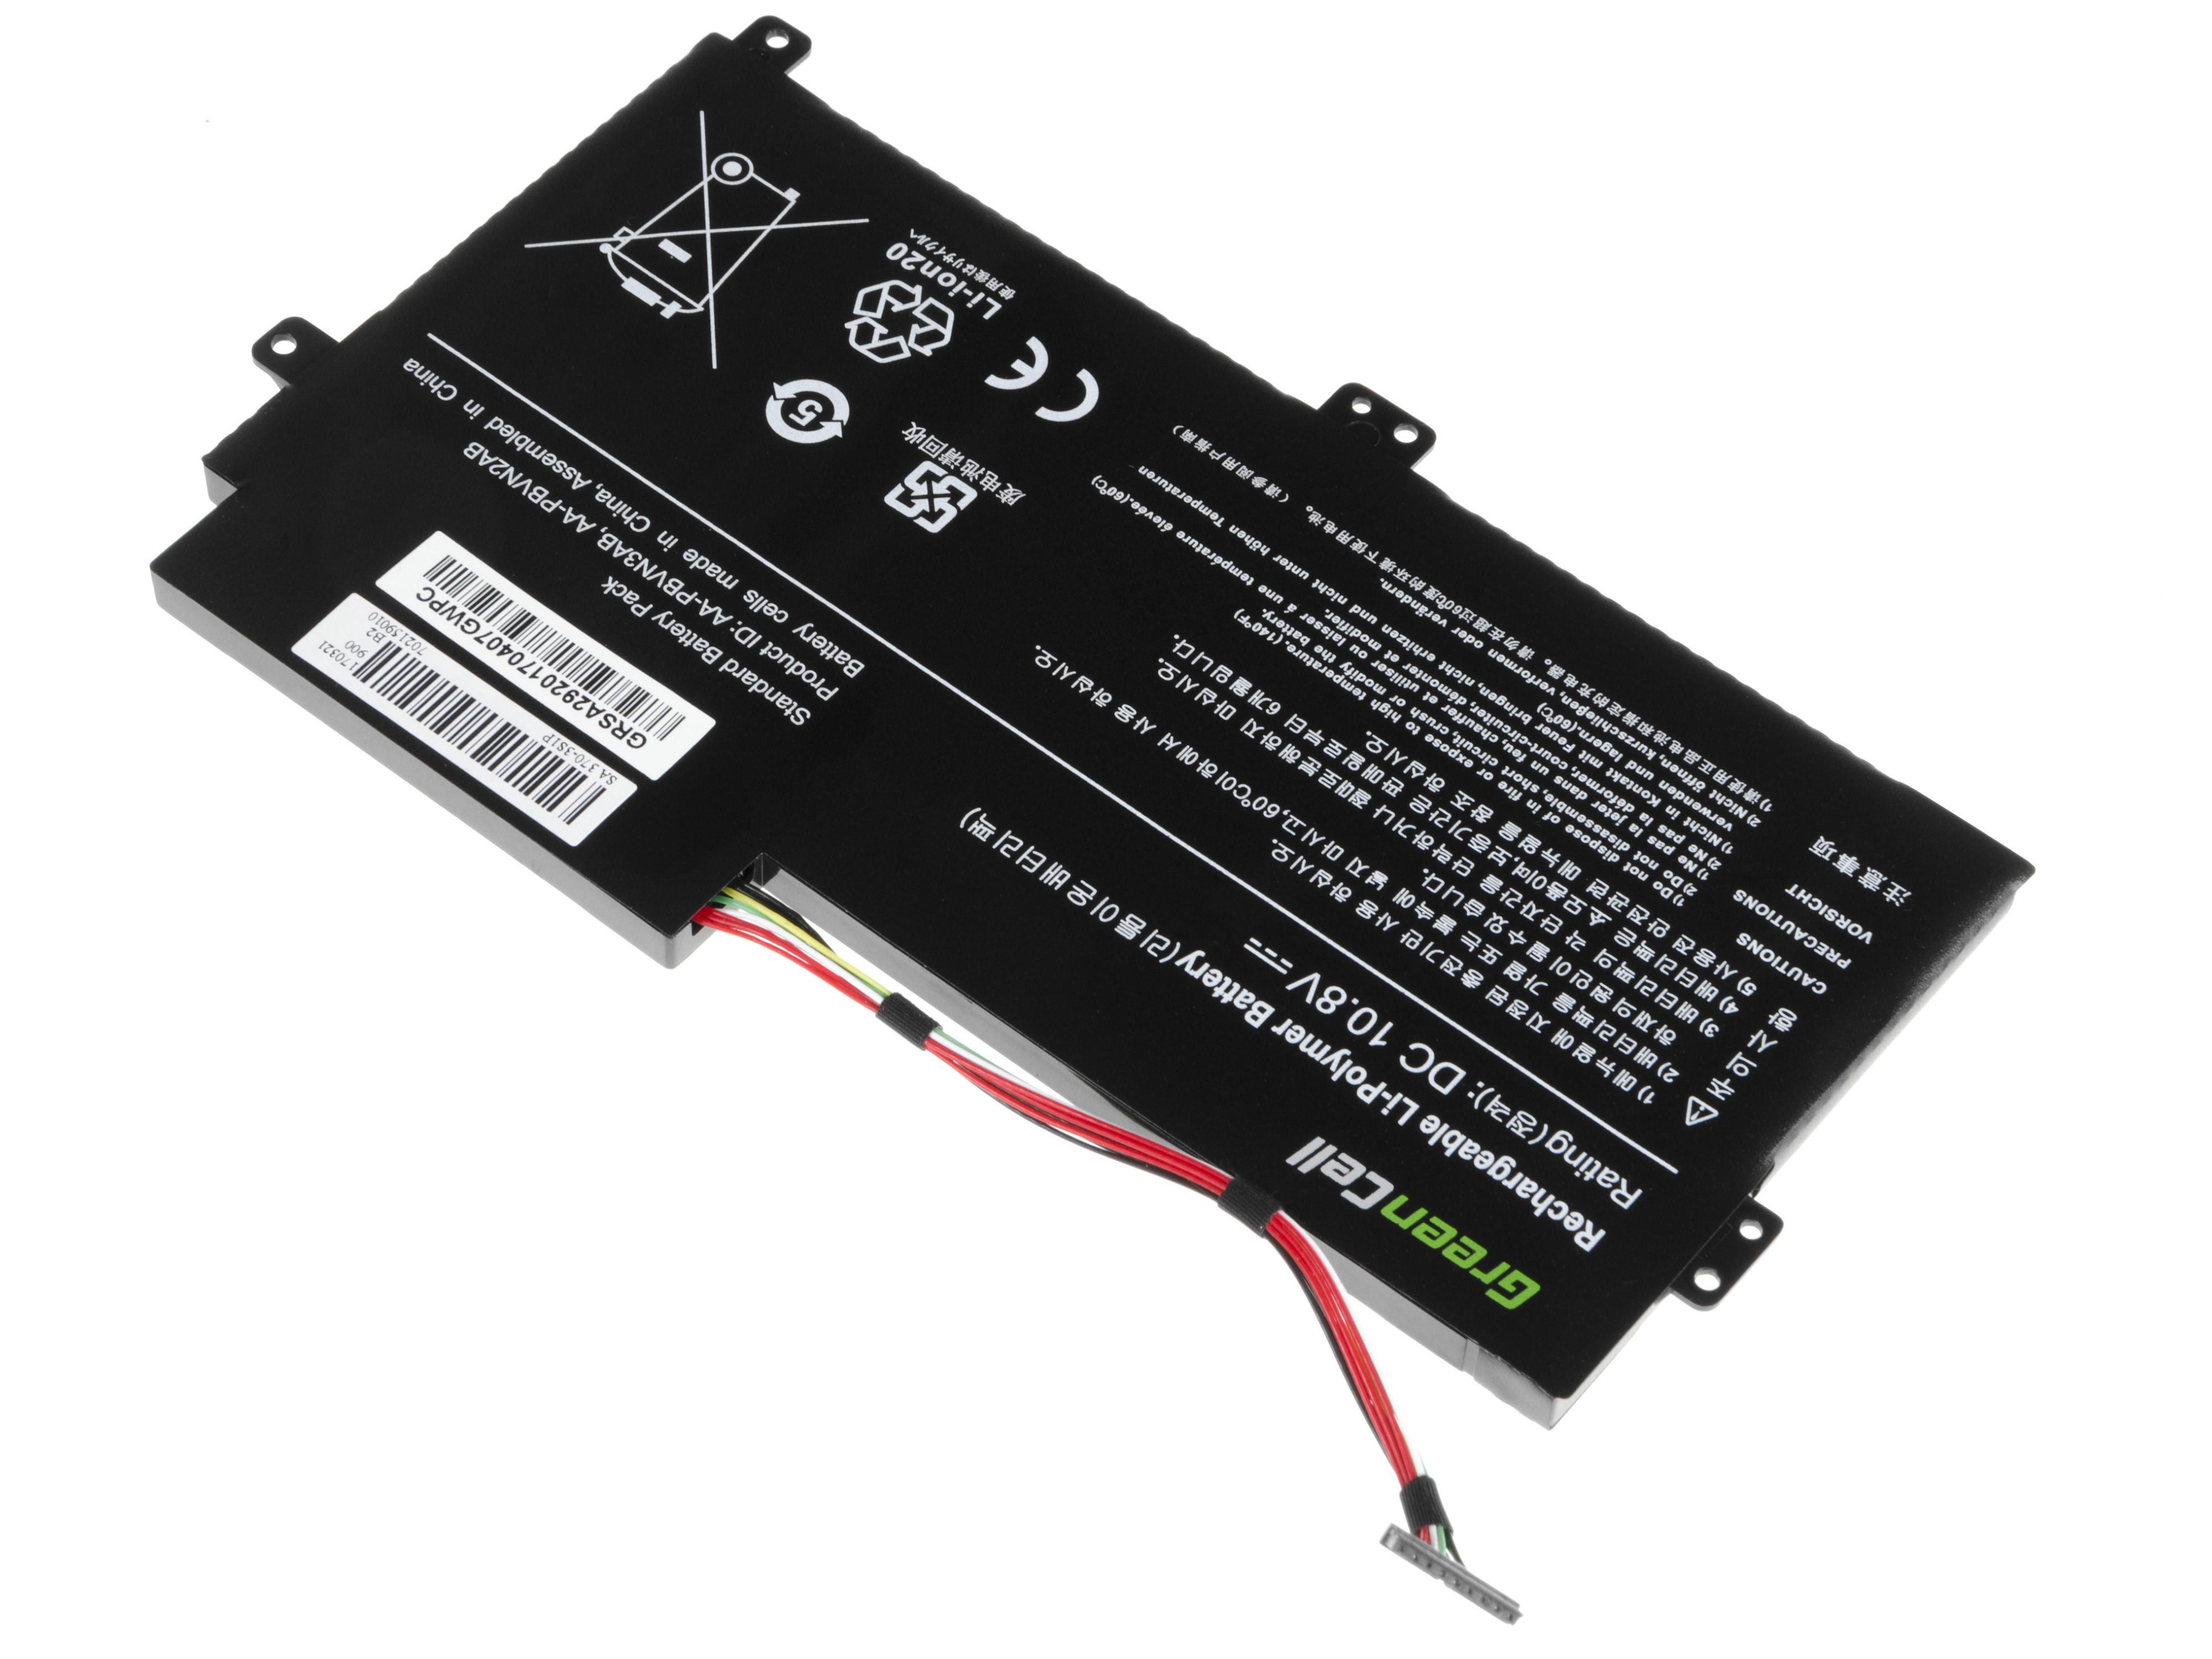 Green Cell Battery for Samsung 370R 370R5E NP370R5E NP450R5E NP470R5E NP510R5E / 11,1V 4000mAh